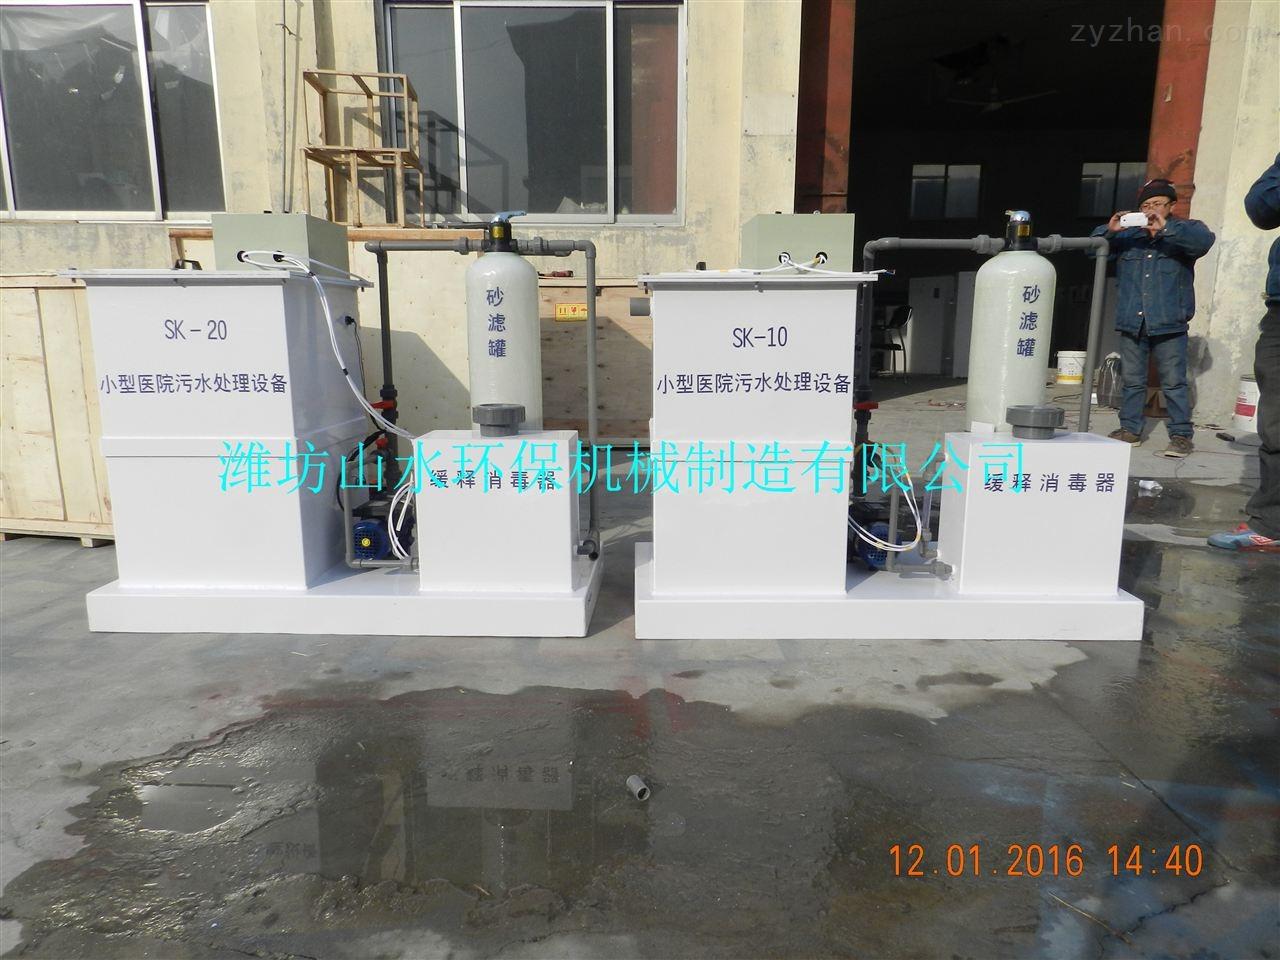 杭州化驗室污水處理設備組成結構